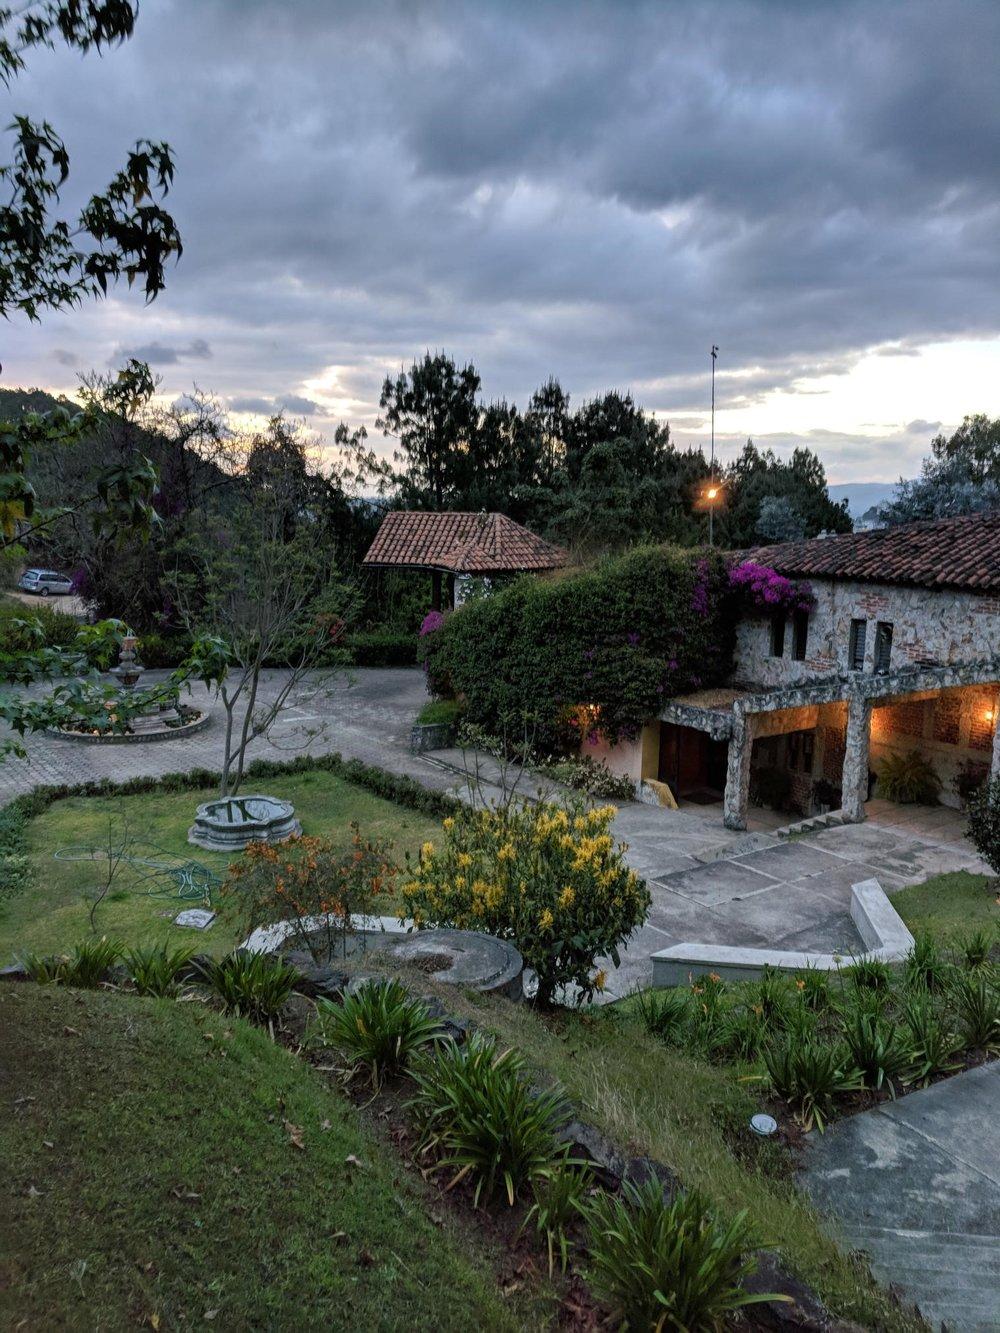 Casa del Rey hotel in Chichicastenango, Guatemala